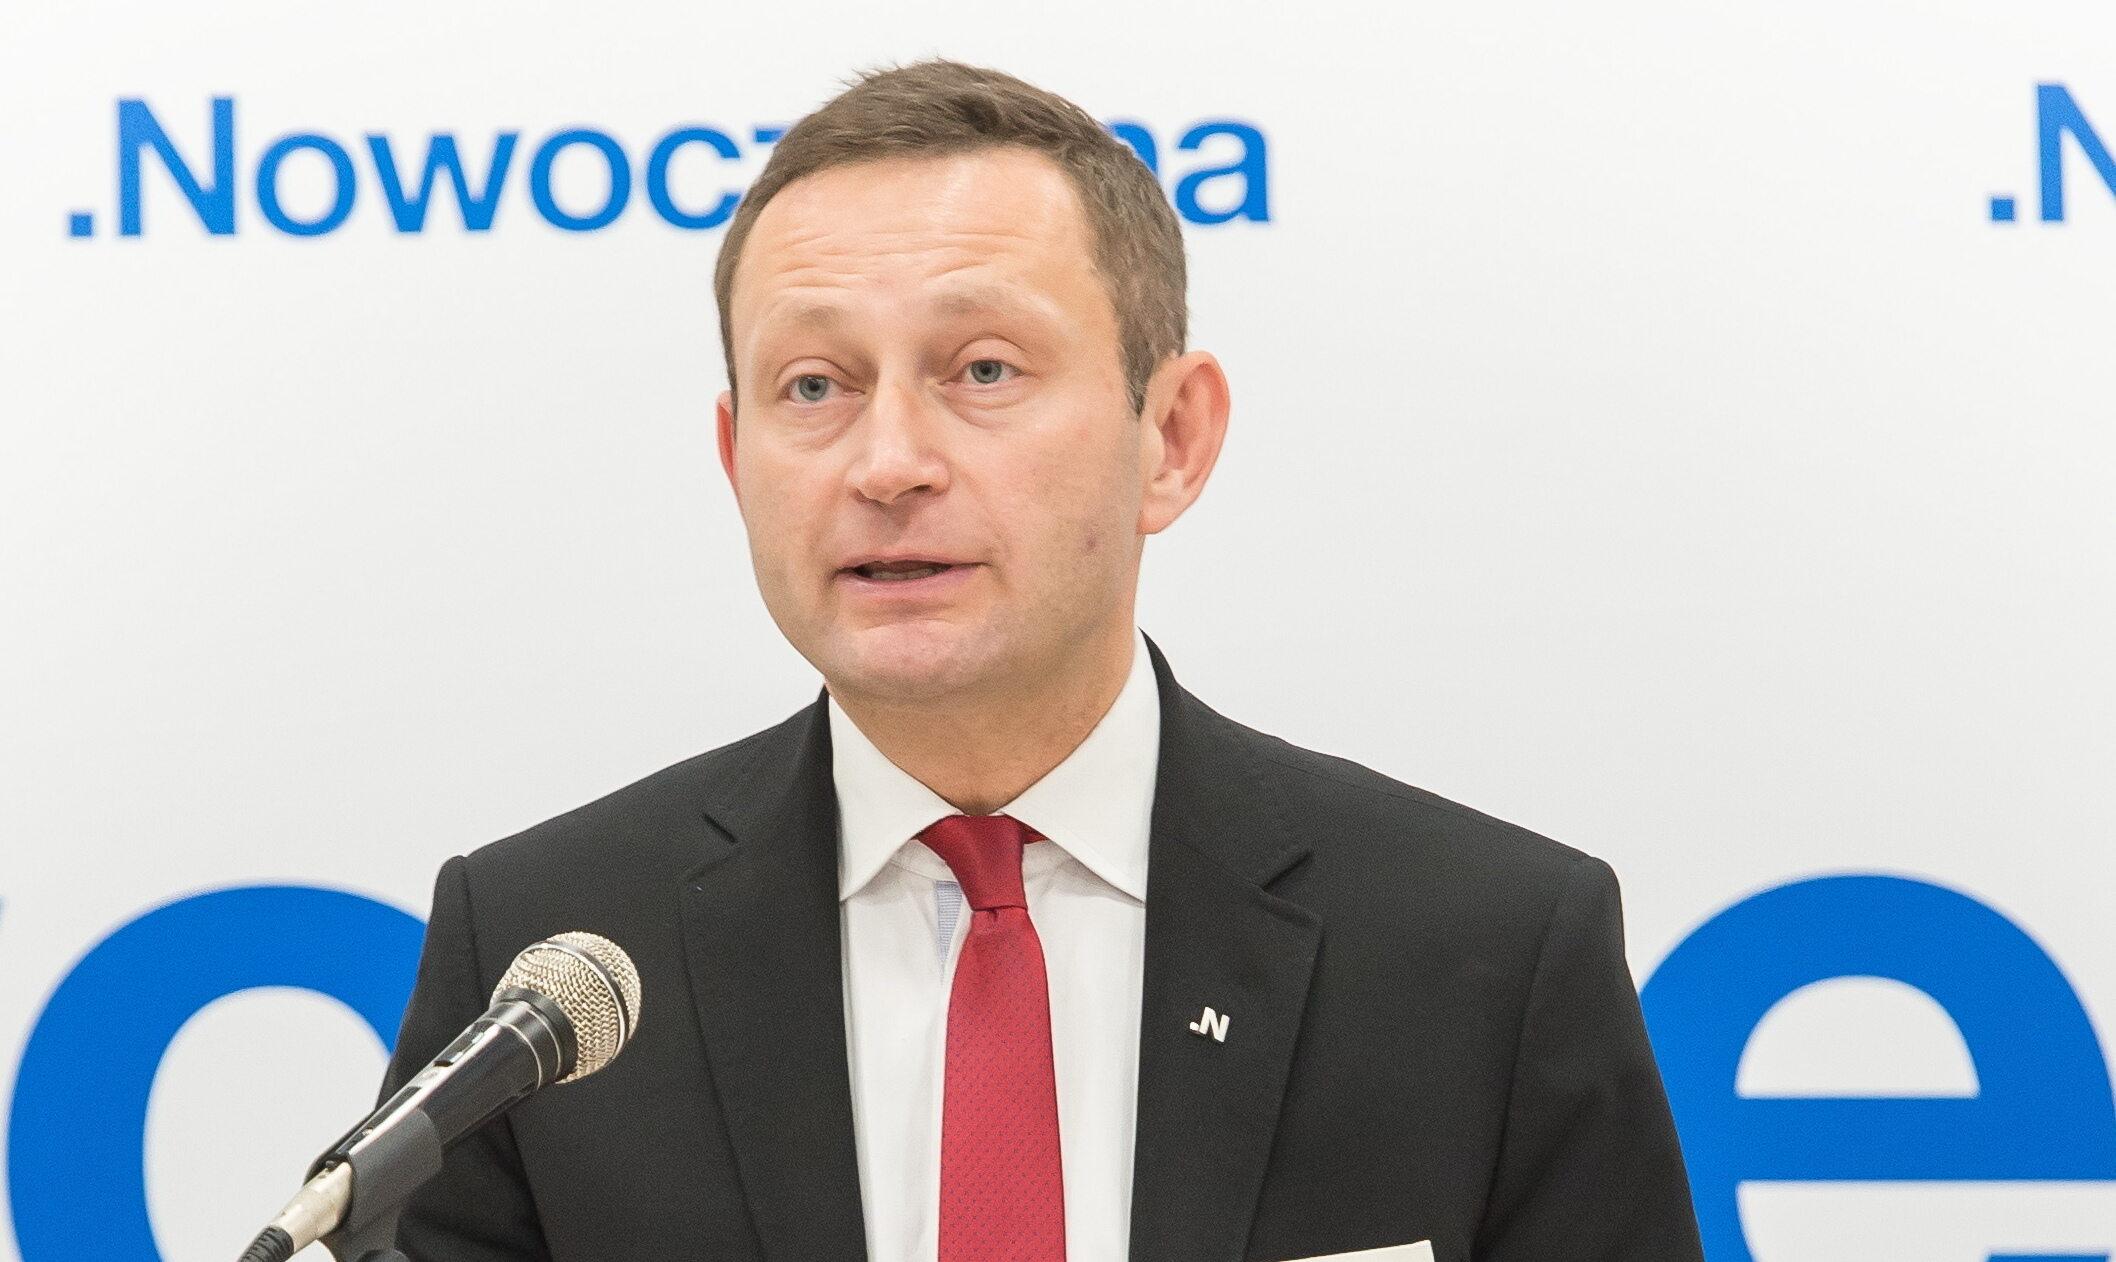 Paweł Rabiej, .Nowoczesna